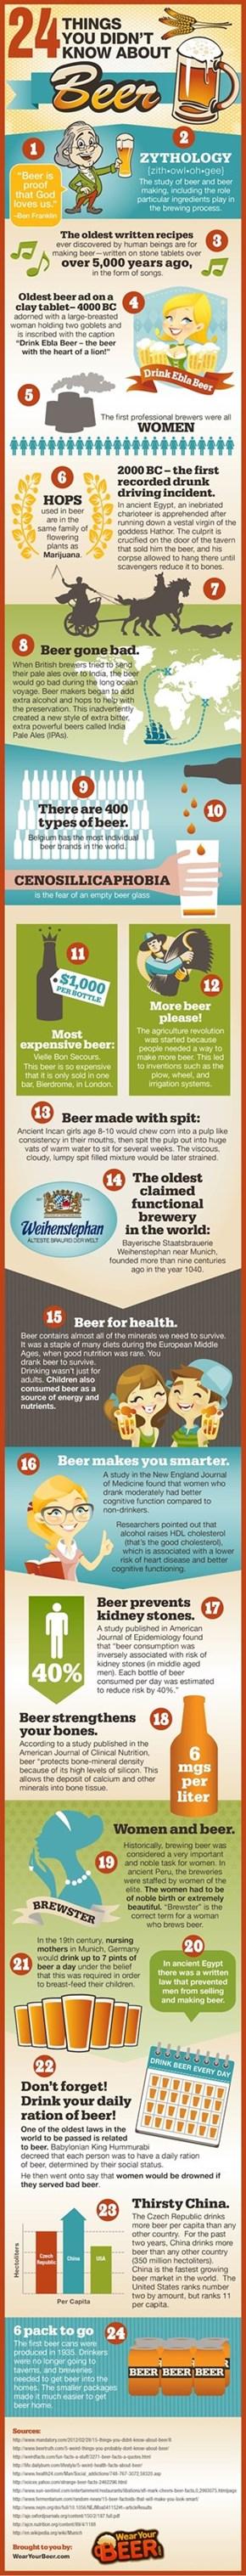 Strange Beer Facts